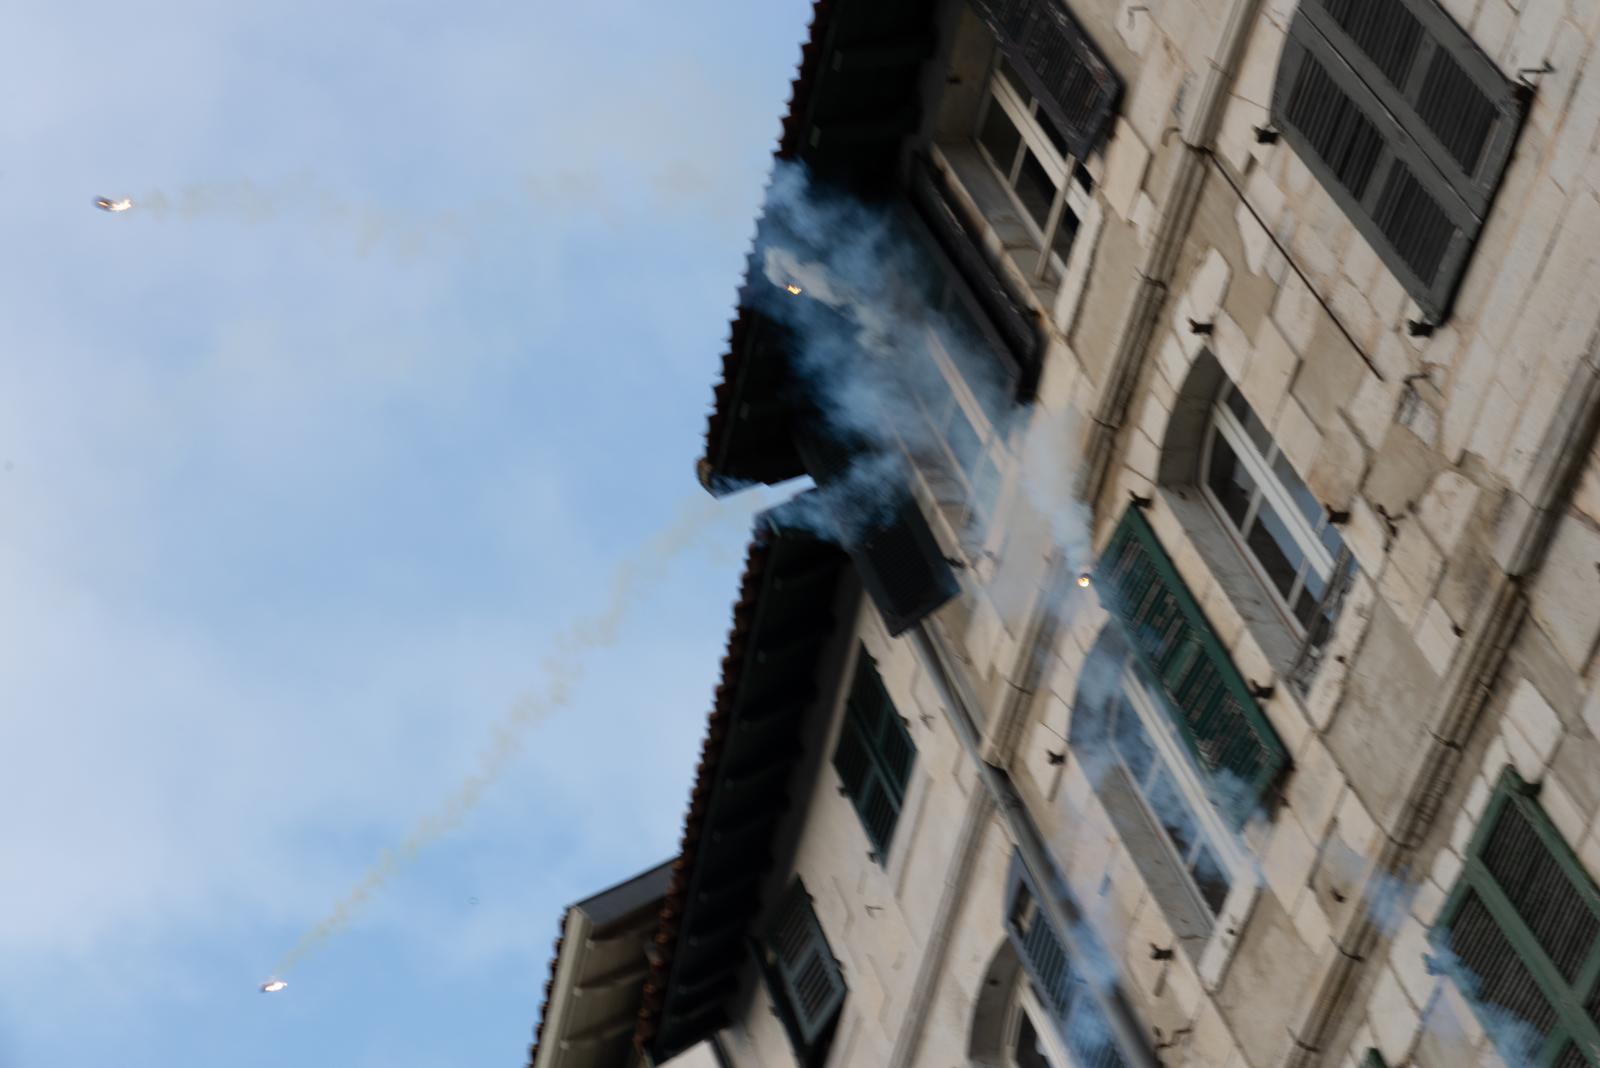 Samedi 24 août 2019 dans l'après-midi. Tentative de manifestation à Bayonne. Les forces de l'ordre interviennent en tirant des gaz lacrymogènes sur les façades des immeubles. Mme Zineb Rédouane est morte à Marseille en décembre 2018 suite à un tir similaire alors qu'elle était à sa fenêtre. [G7 2019 de Biarritz]